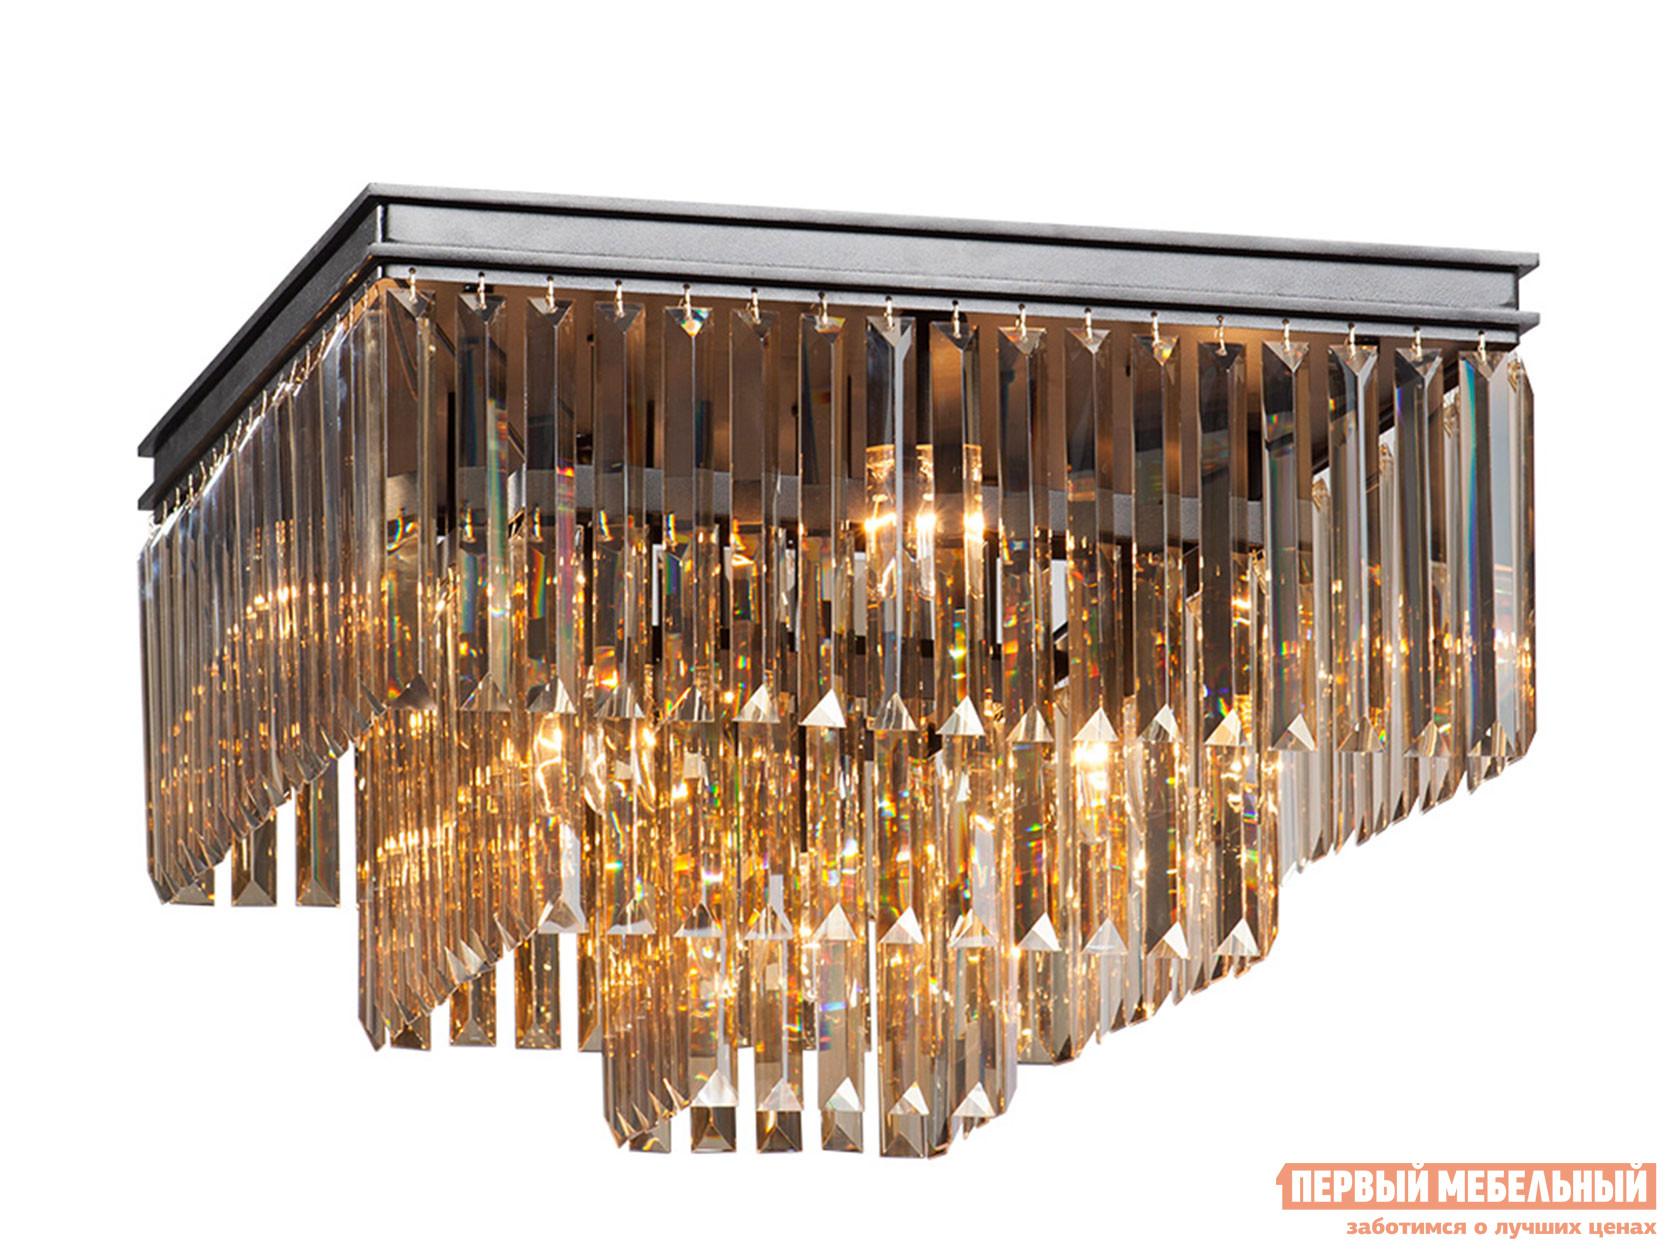 Люстра Первый Мебельный Люстра V5160-1/4+4+1PL, 9хE14 макс. 40Вт